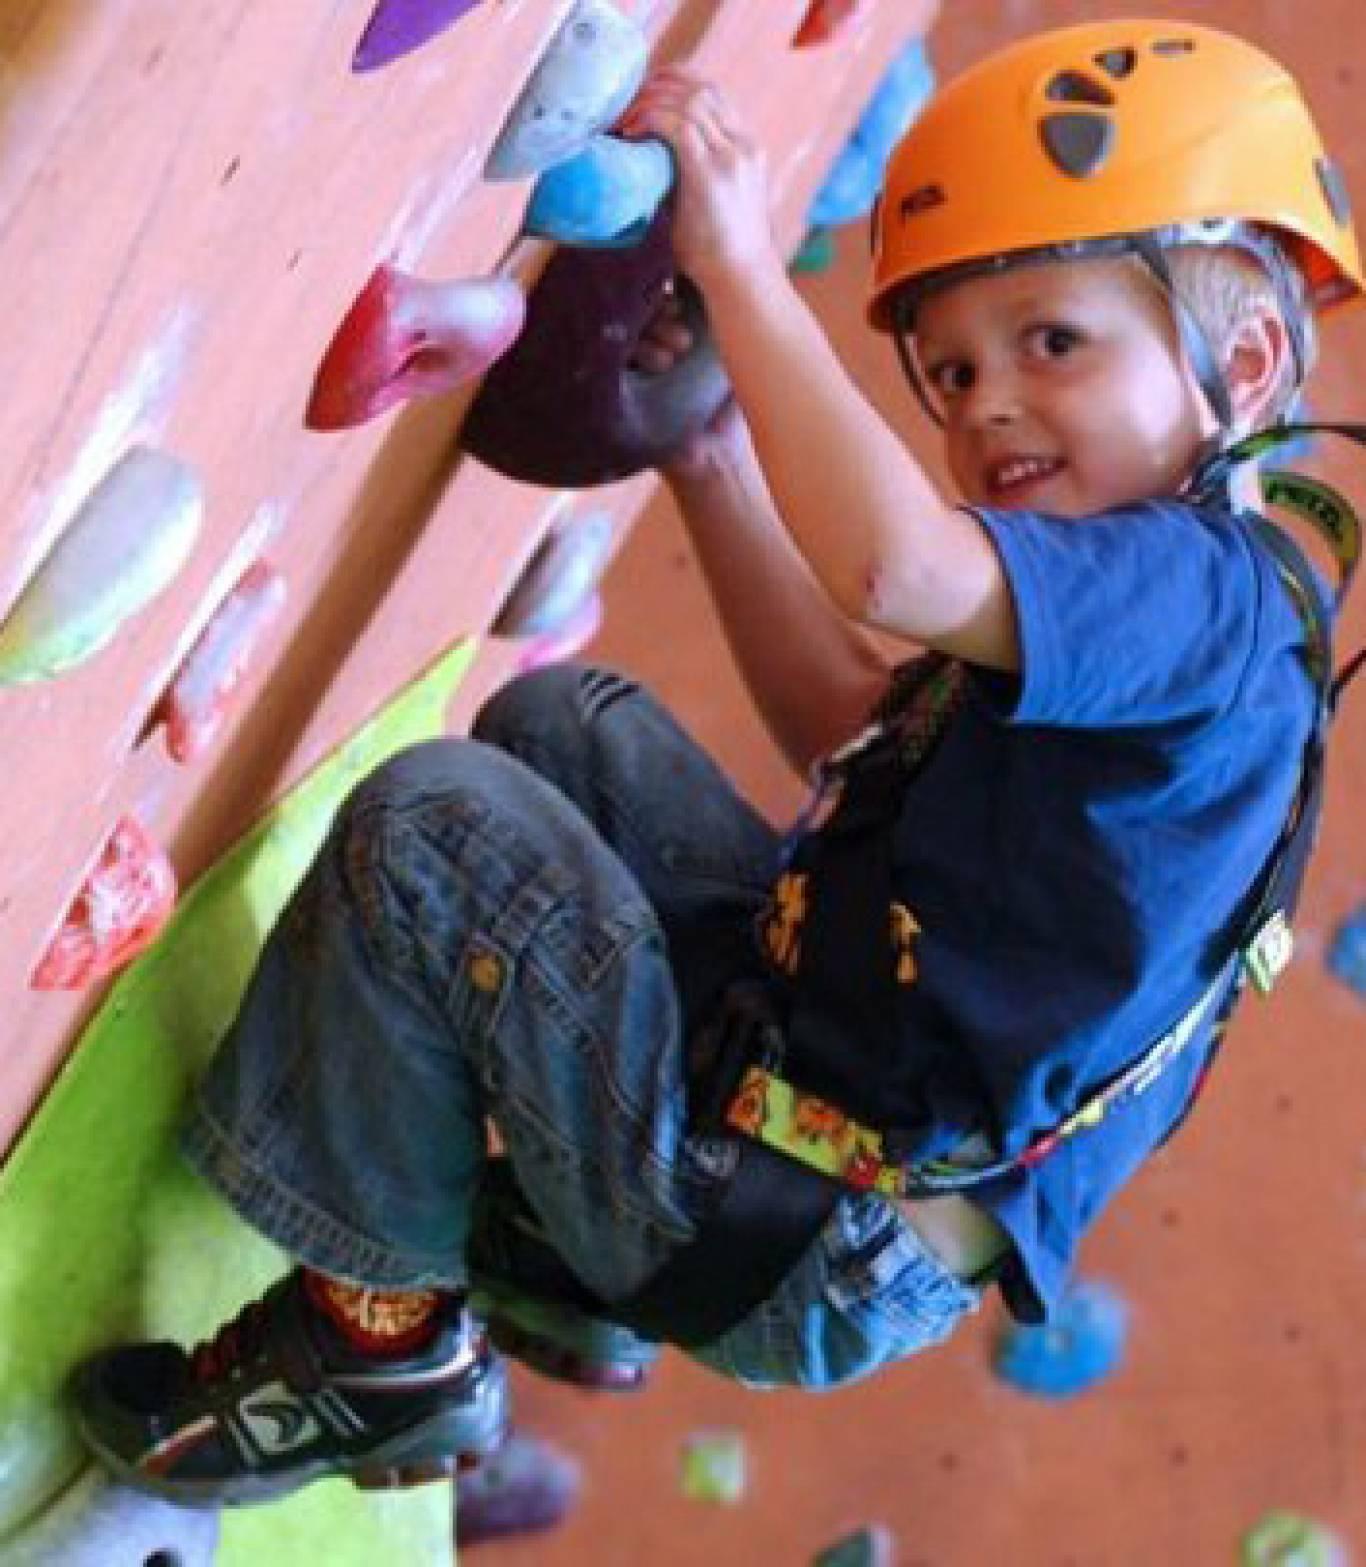 Дозвілля в Дитячому розважальному центрі «Cool Jumper»: скалодром, міні-футбол та батут